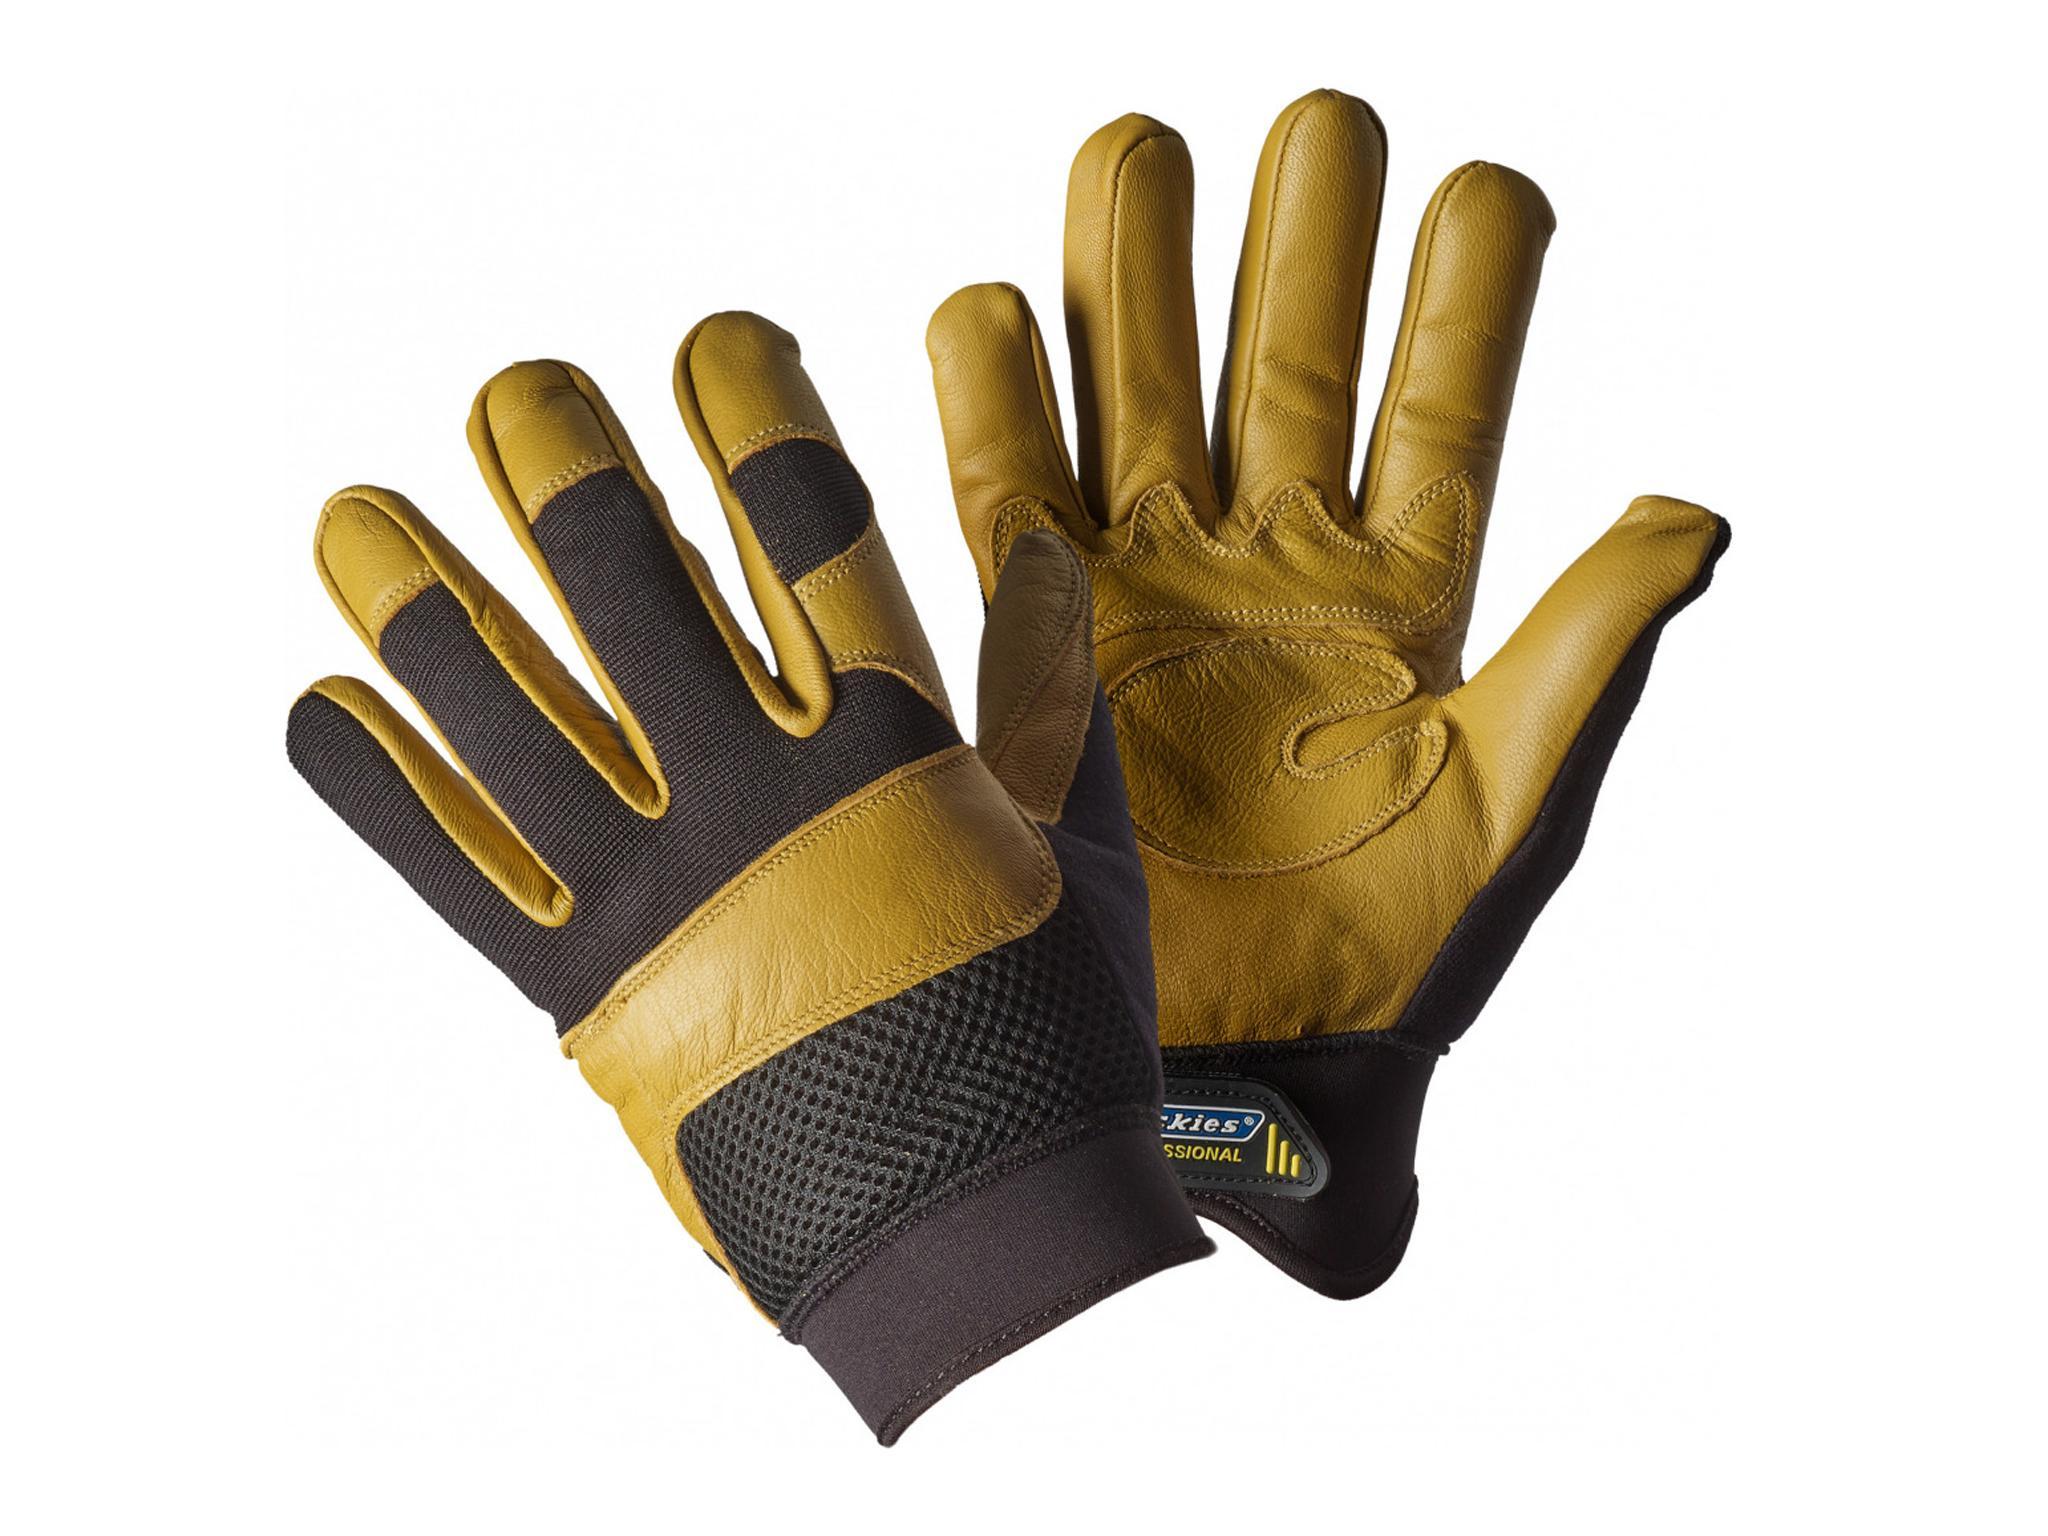 10 best gardening gloves | The Independent